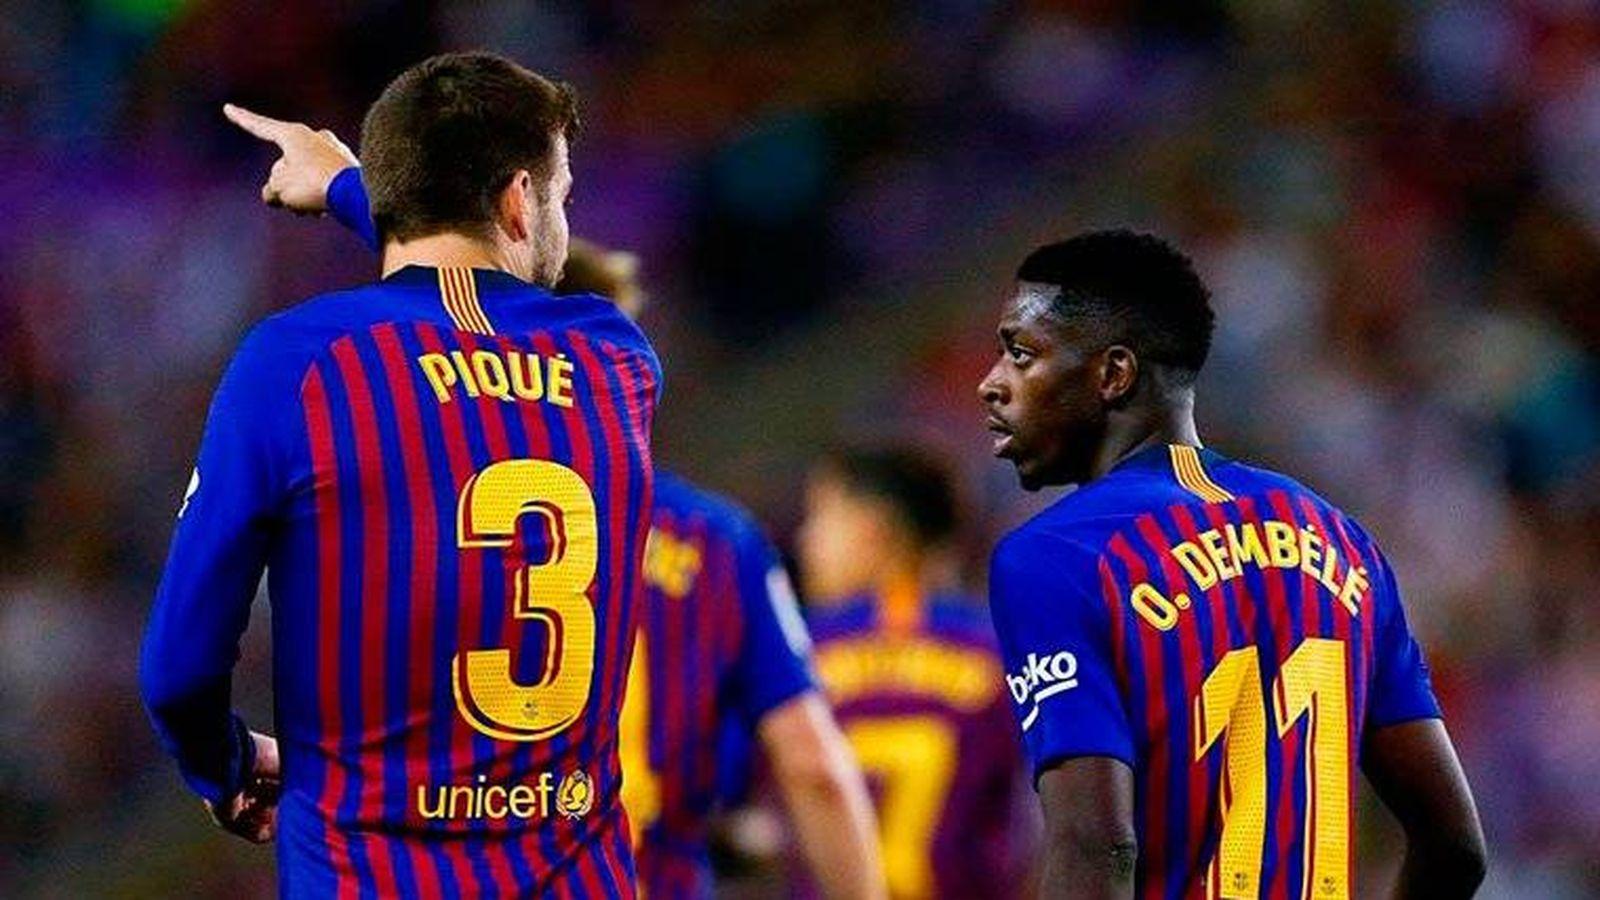 Foto: Piqué habla con Dembelé durante un partido del Barça. (EFE)